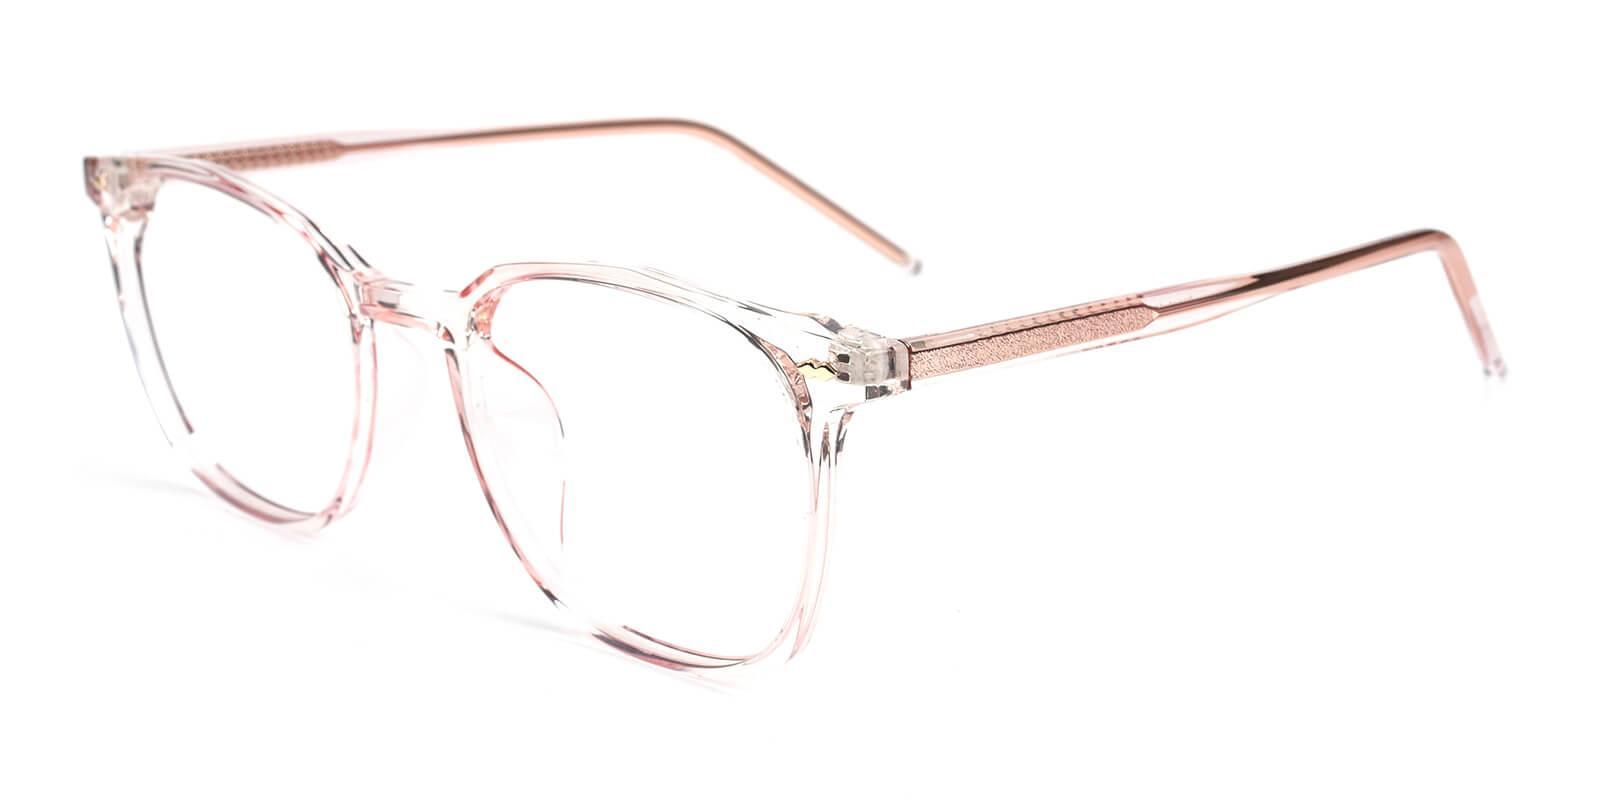 Linking-Pink-Round-Acetate-Eyeglasses-detail